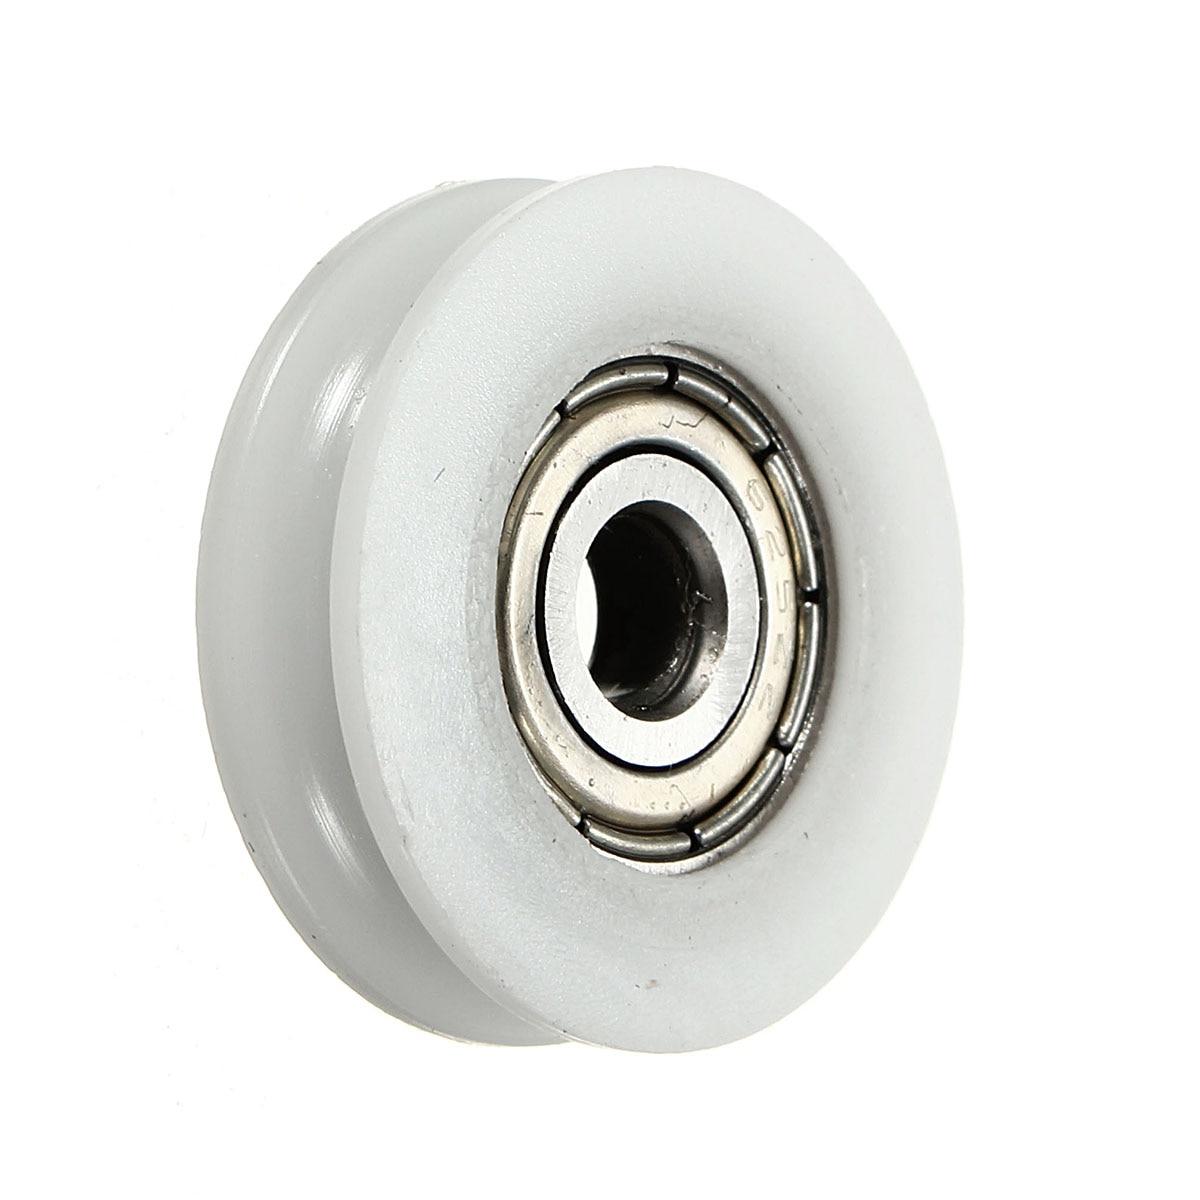 100% QualitäT Runde Nut Nylon Pulley Räder Roller High Carbon Stahl U Groove Pulley Kugellager Rutsche Flexible